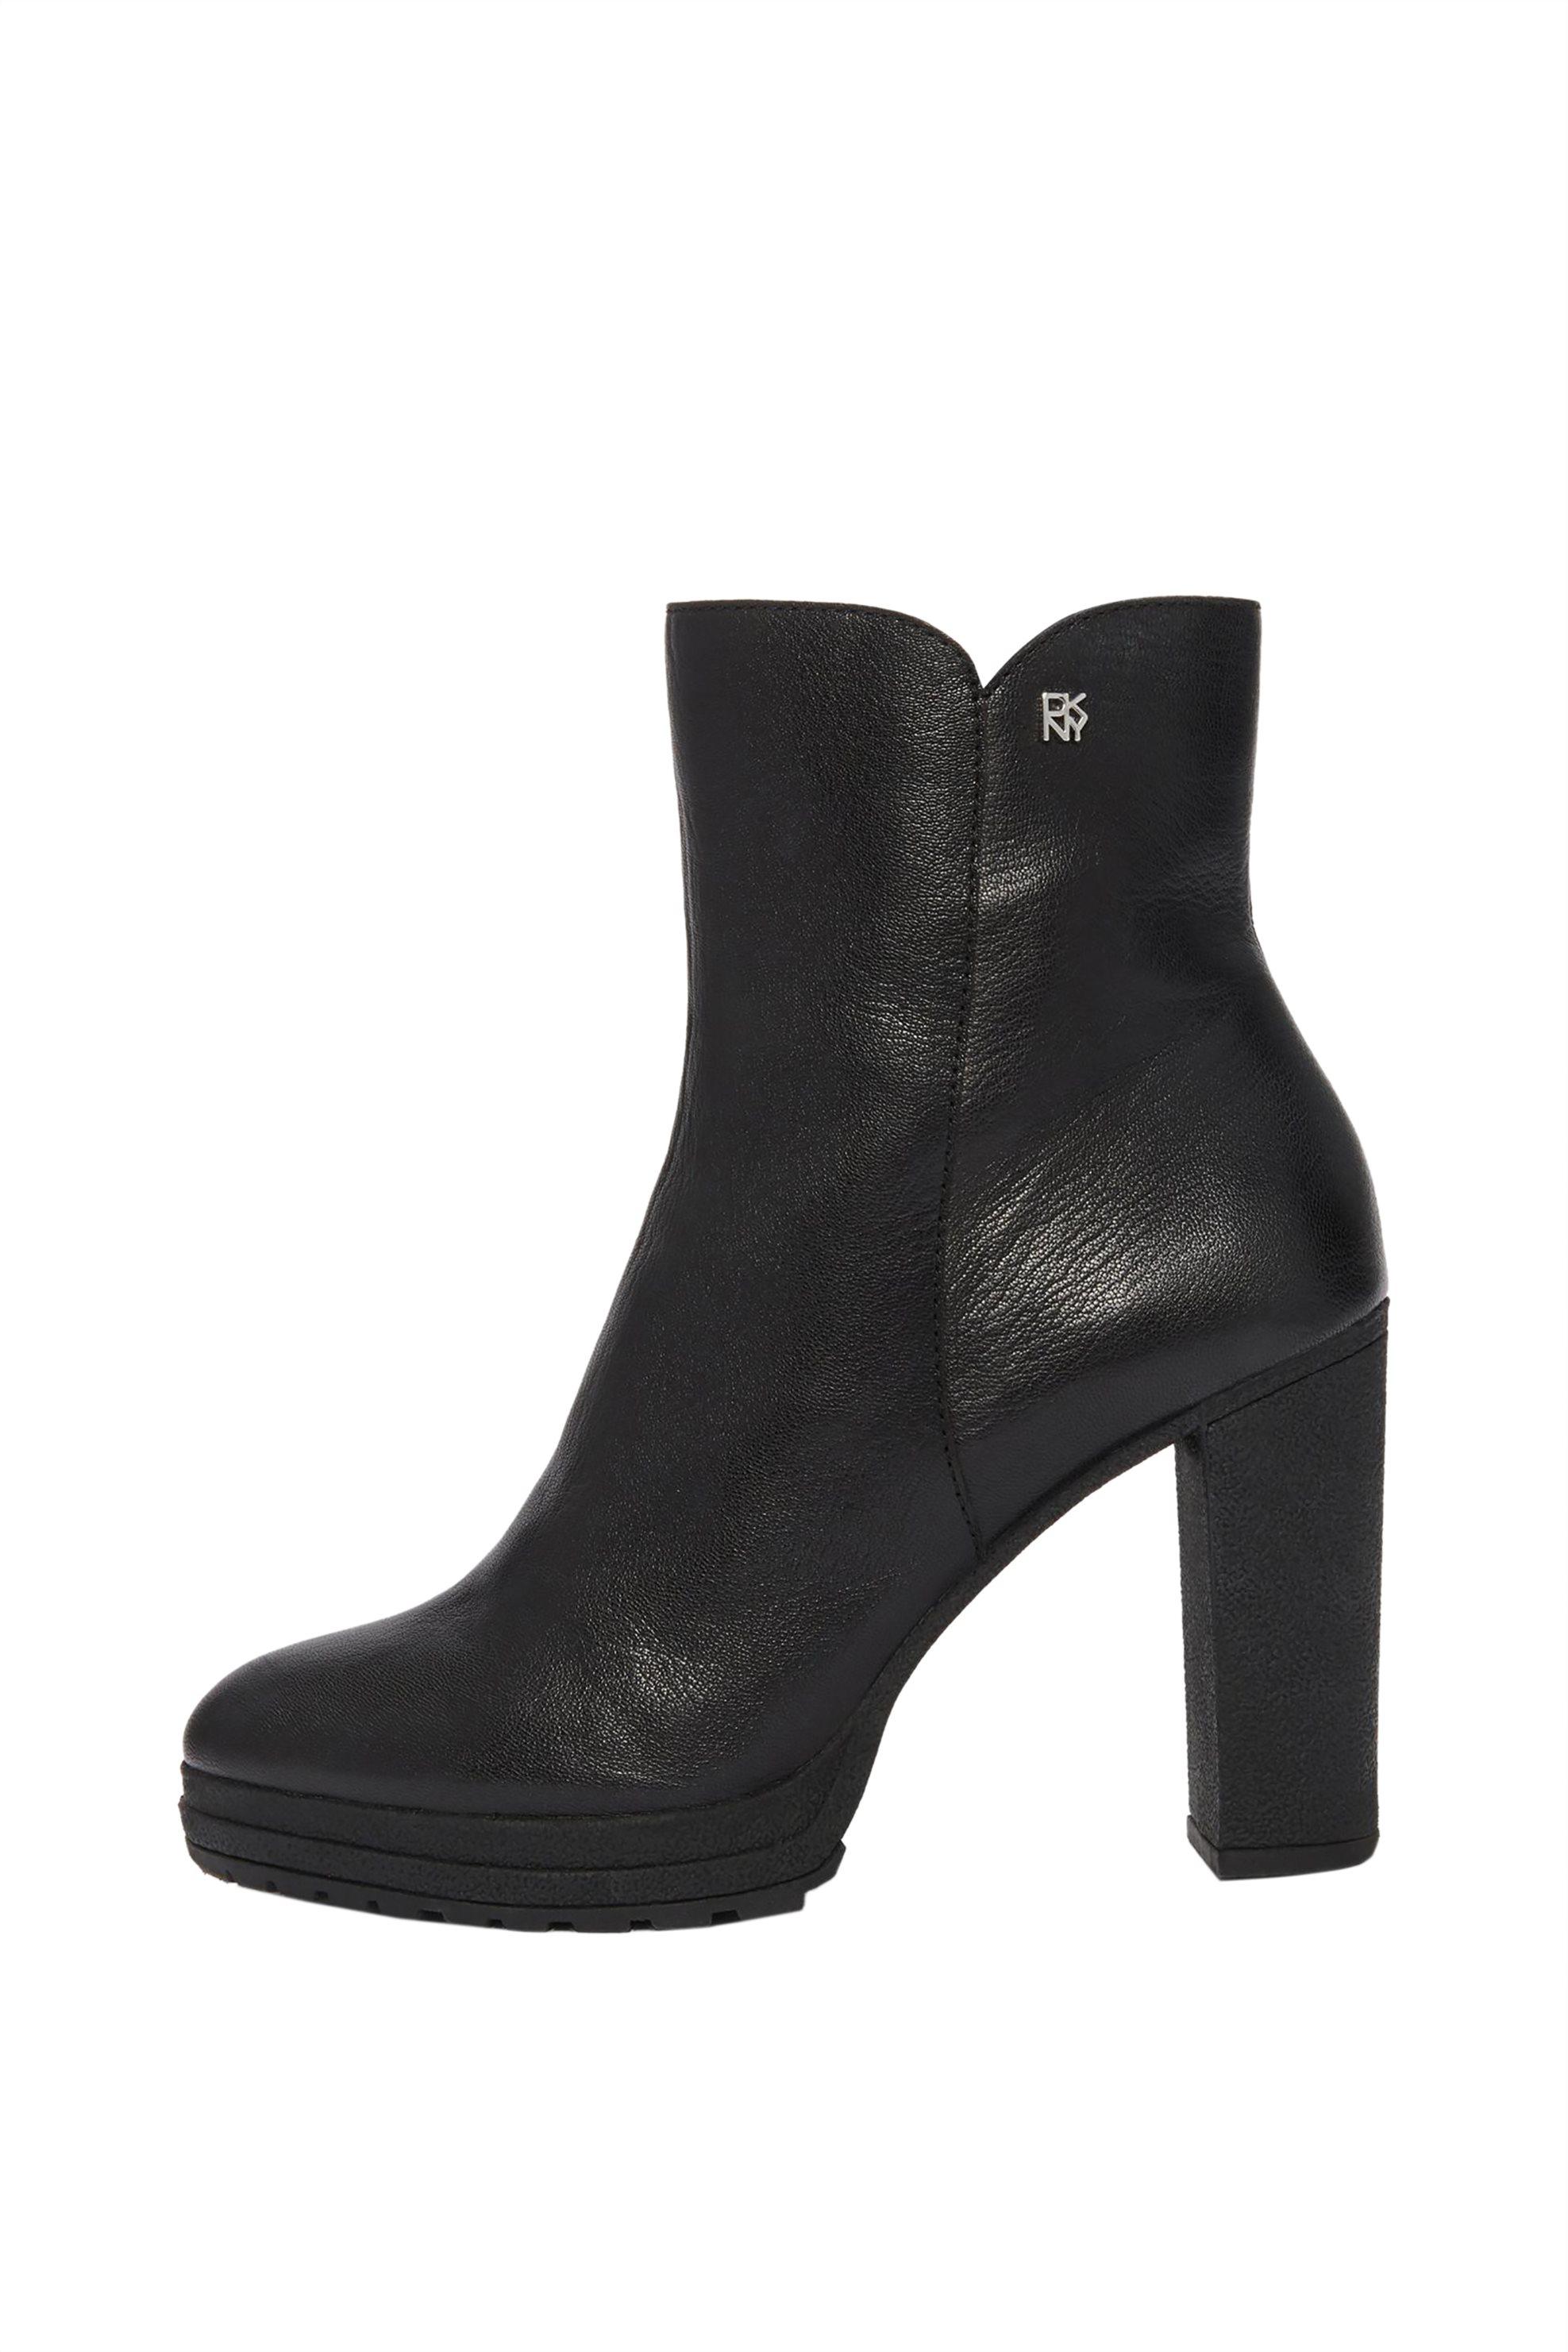 """DKNY γυναικεία δερμάτινα μποτάκια """"Tessi"""" – K3910637 – Μαύρο"""